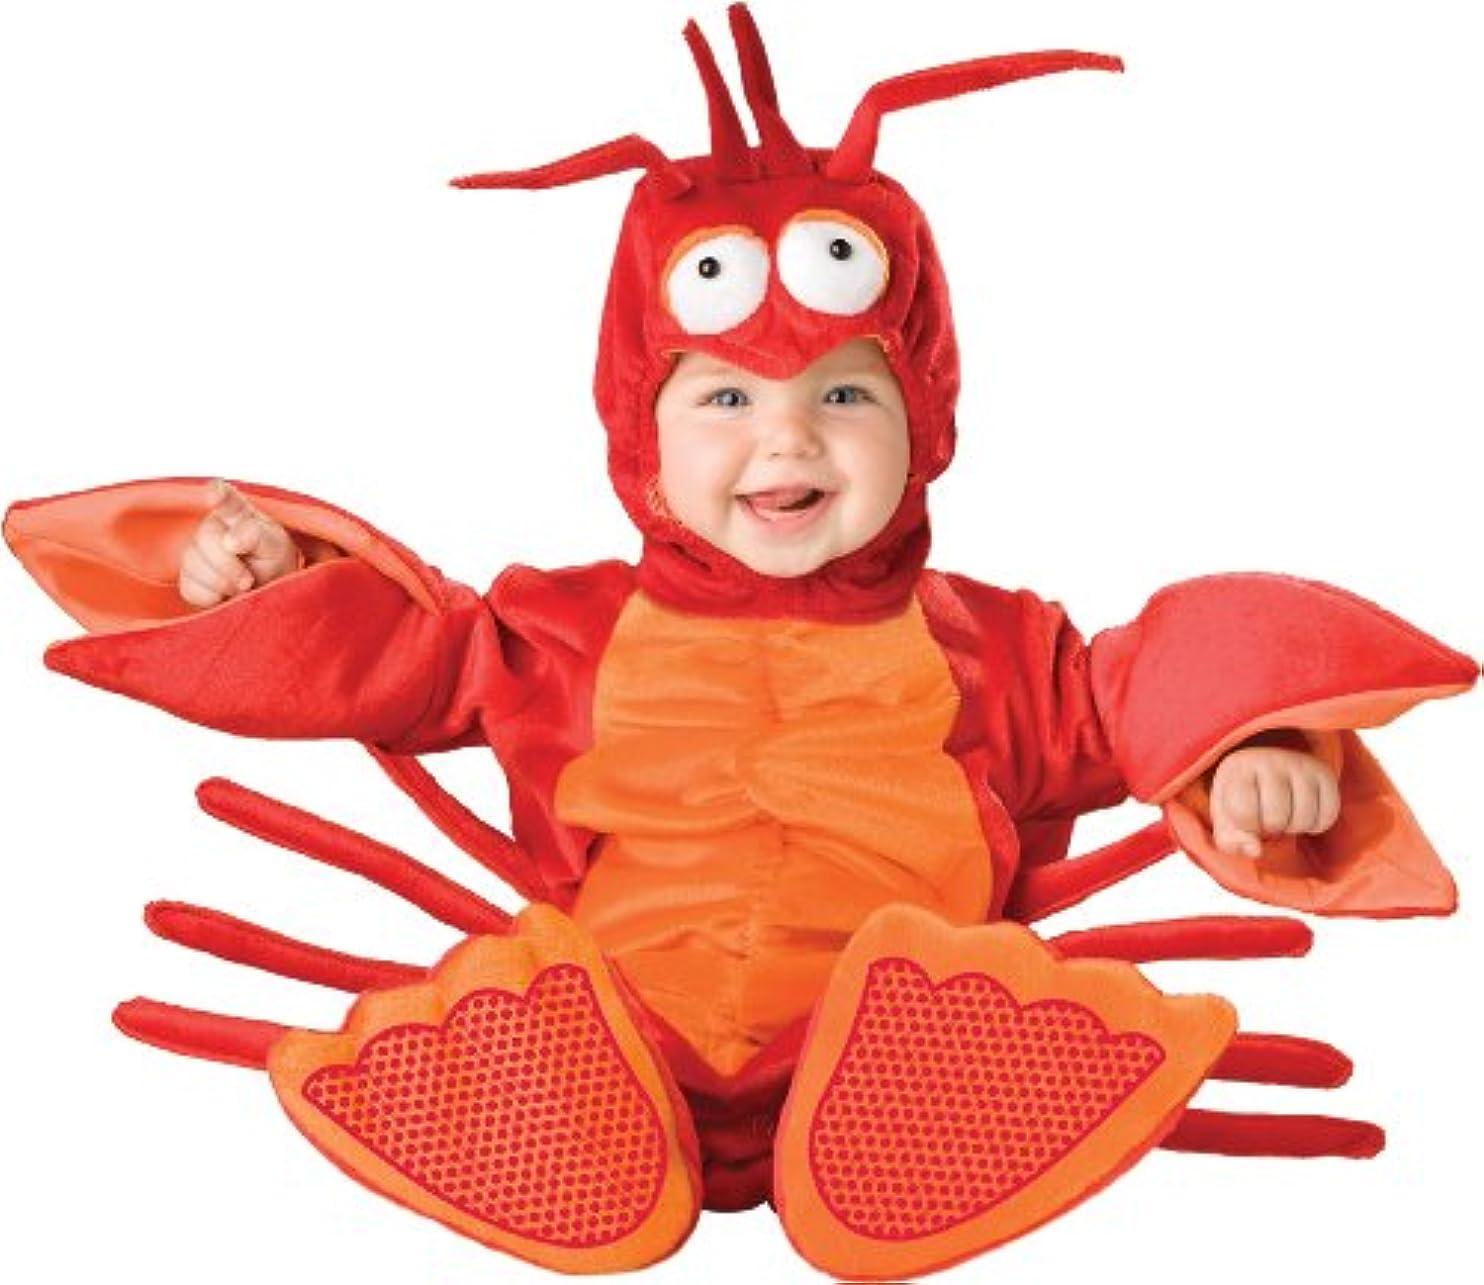 ここに良さ大聖堂Lil Lobster Infant/Toddler Costume リルロブスター乳児/幼児コスチューム サイズ:12/18 Months